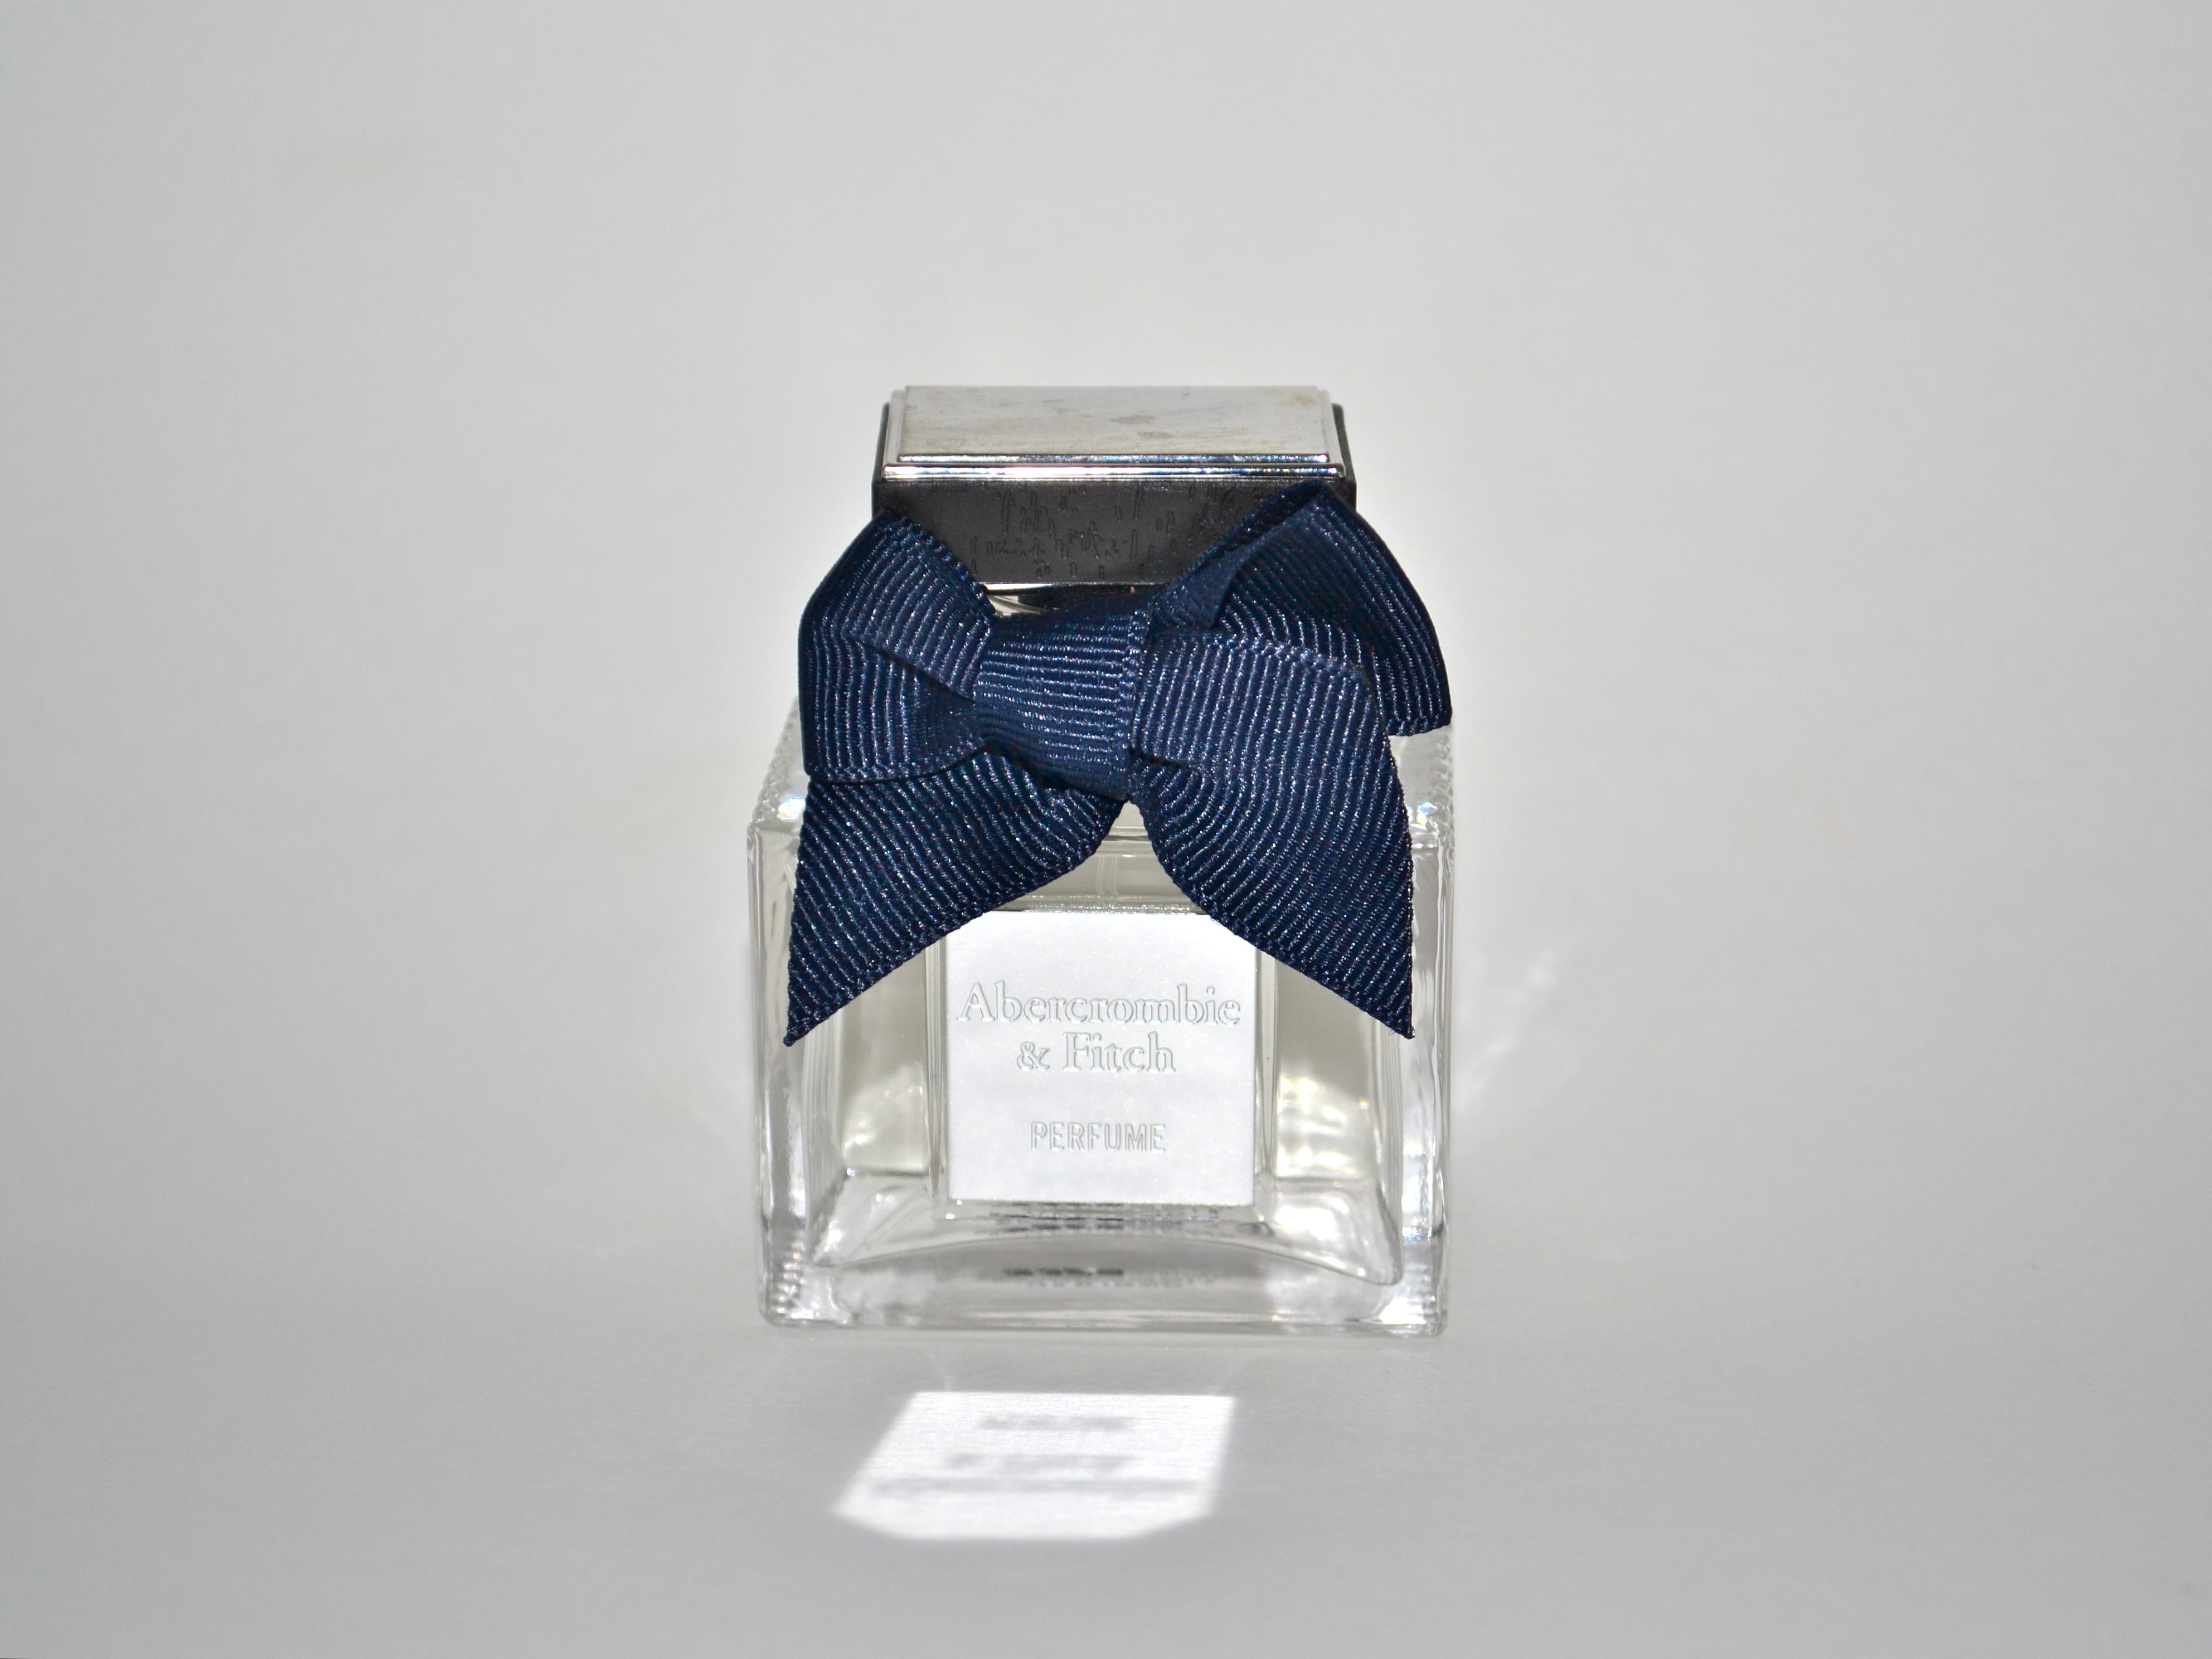 Esse perfume é o N° 1 da Abercrombie e Fitch. Eu amo o perfume 8 masculino  da A F (meu papi usa) 300bf67fc8161